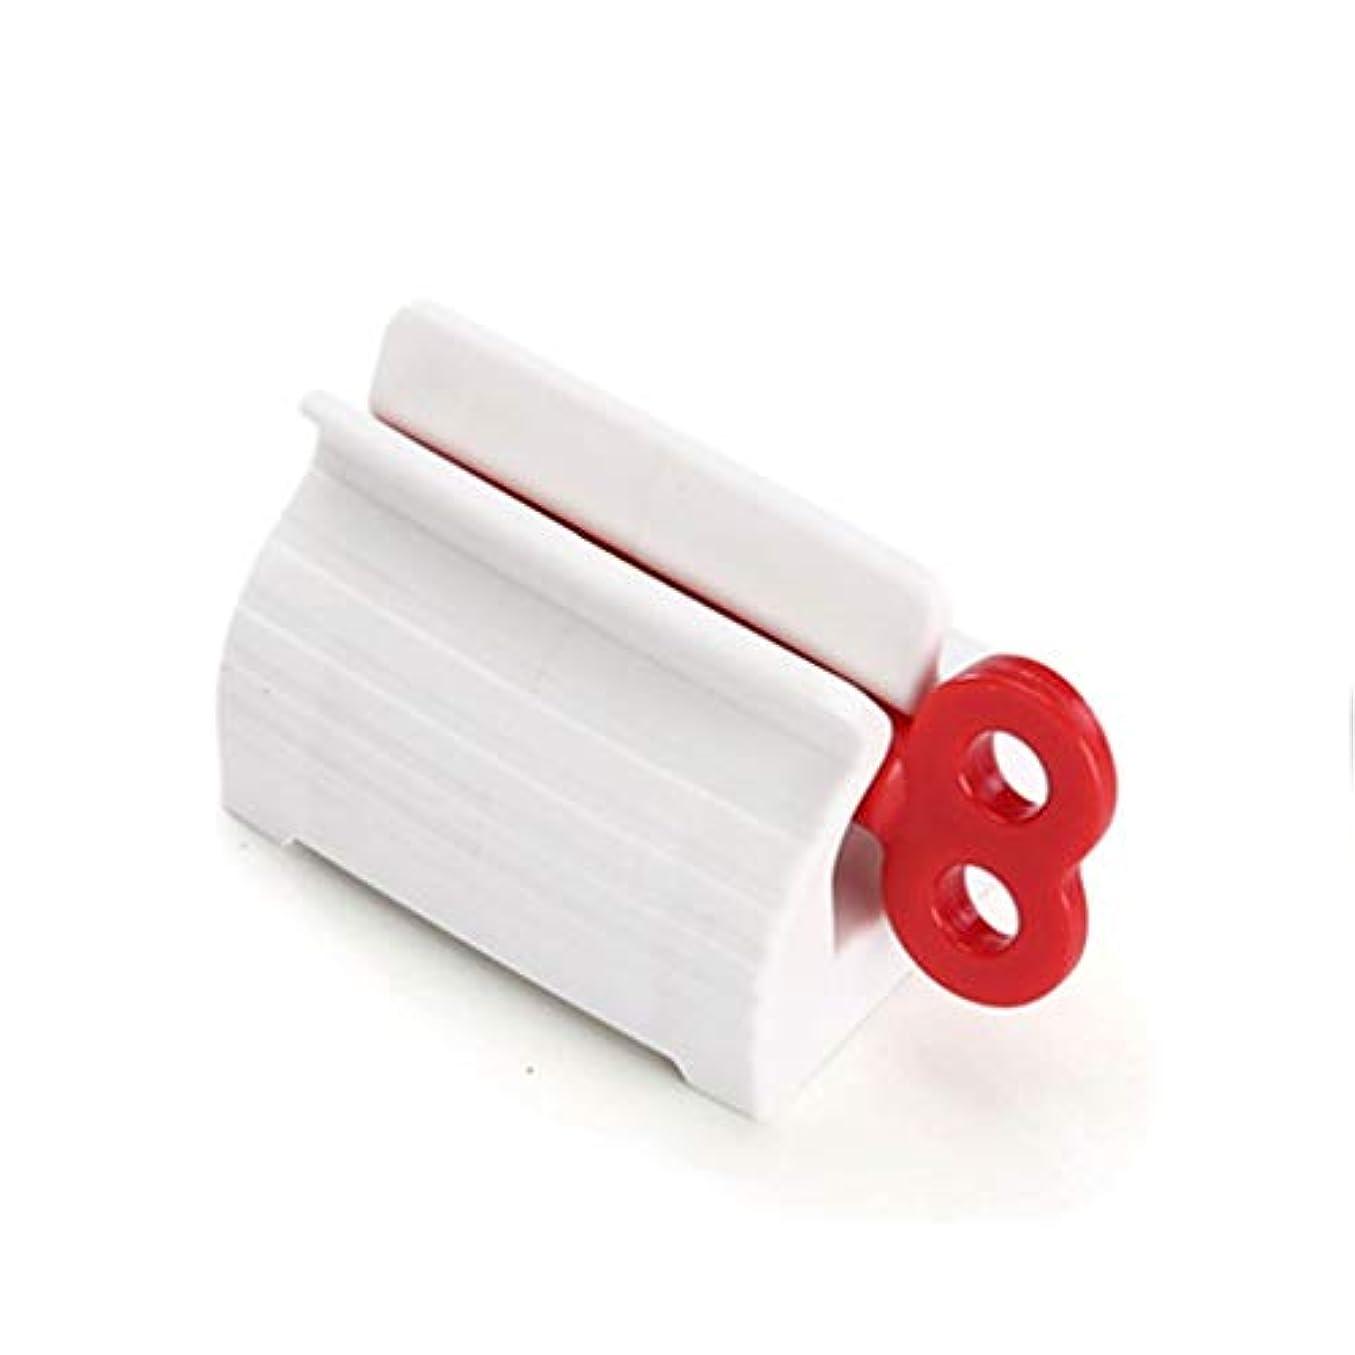 懐疑的寺院漏斗KOROWAチューブ絞り器 軟膏押出器 ハンドクリーム 歯磨き粉チューブスクイーザー